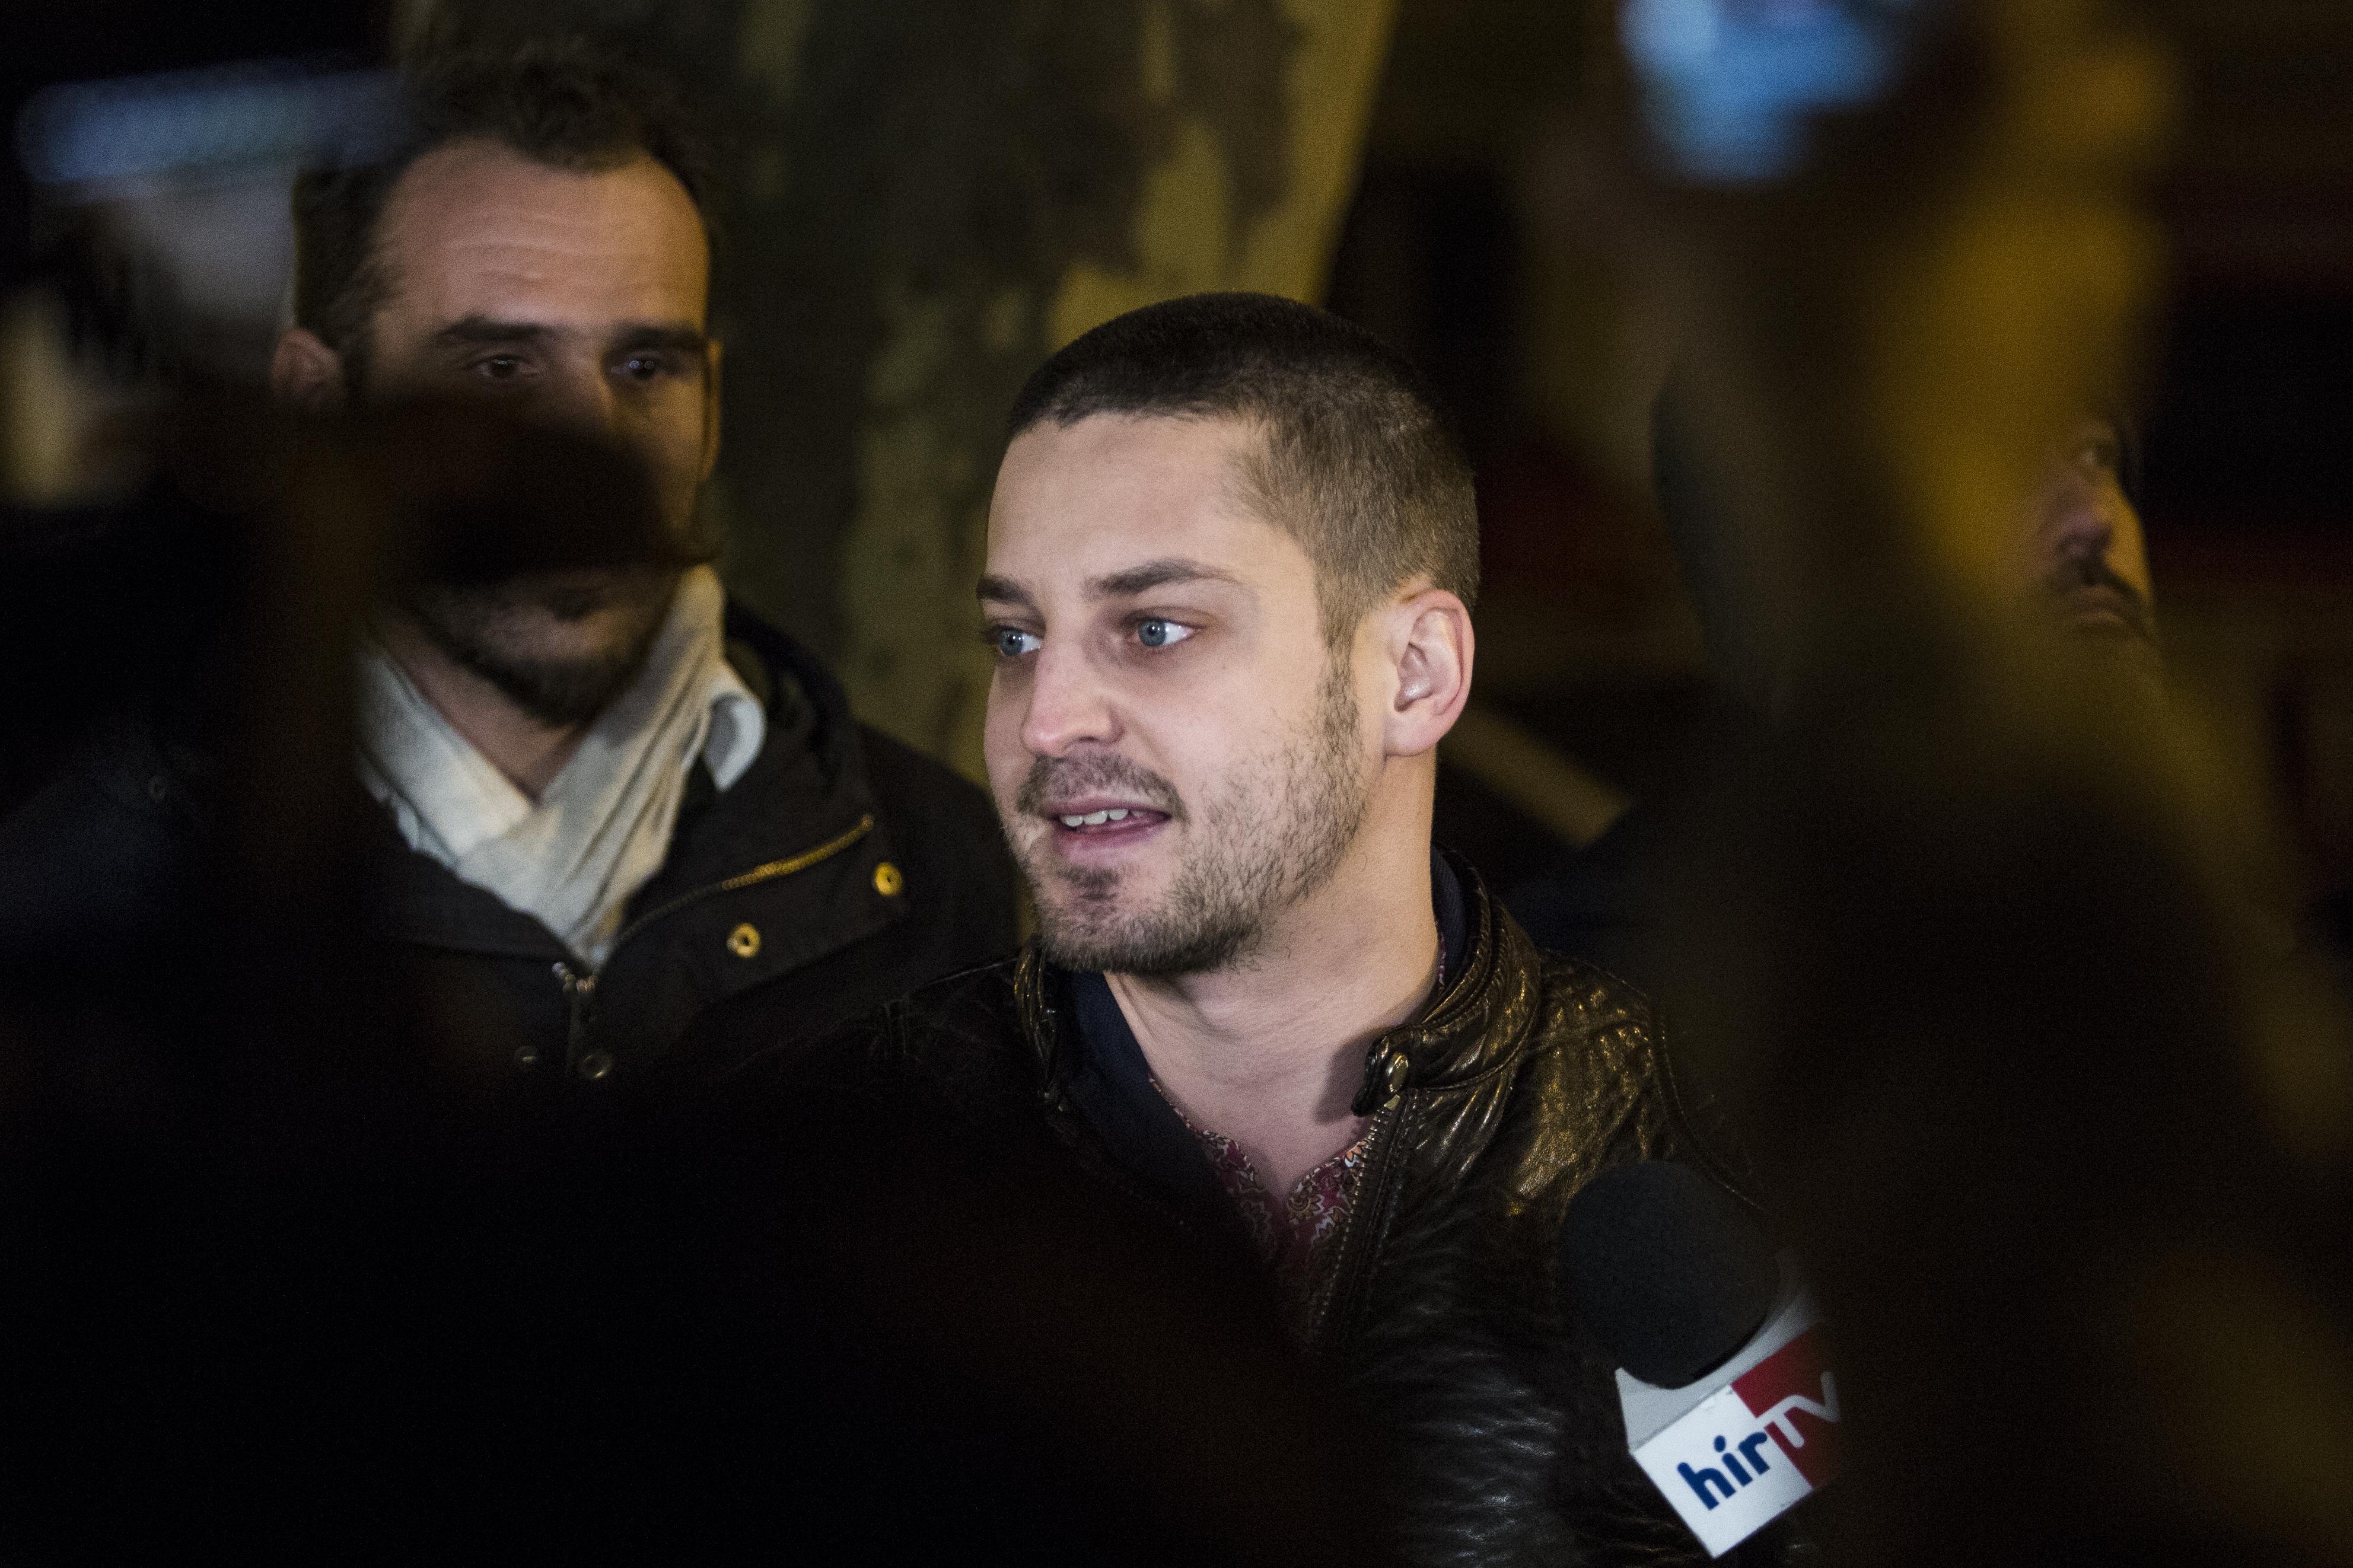 Ungár Péter: Molnár Zsoltnak és Hiller Istvánnak helye lehet a Fidesz utáni politikában is